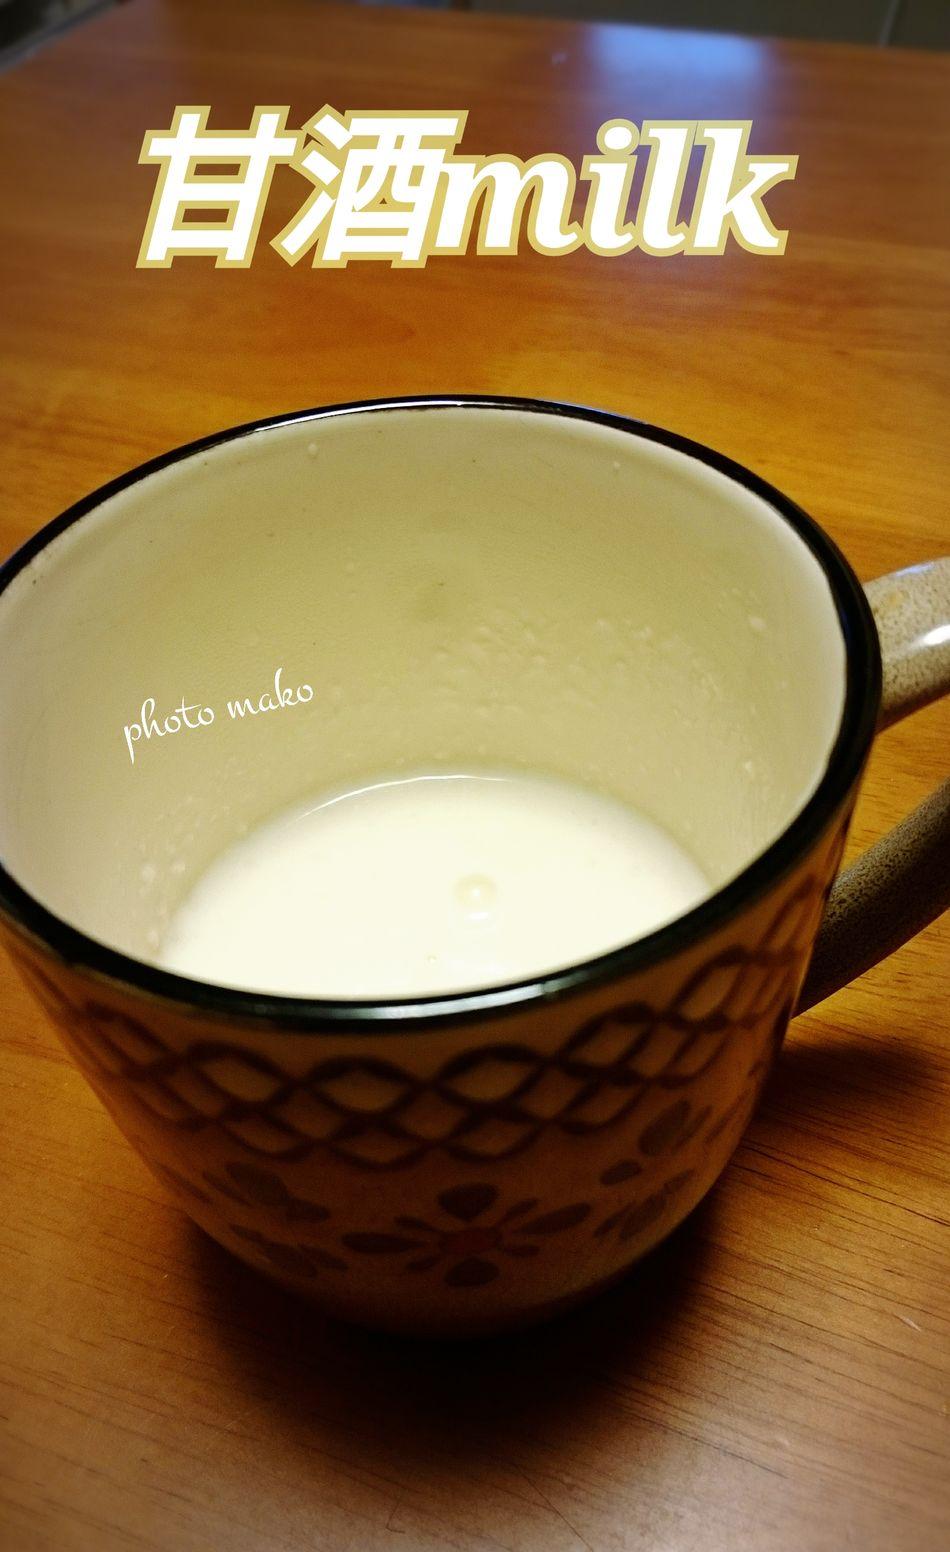 最近の ハマりもの! 酒粕 牛乳 糖分 レンチン!